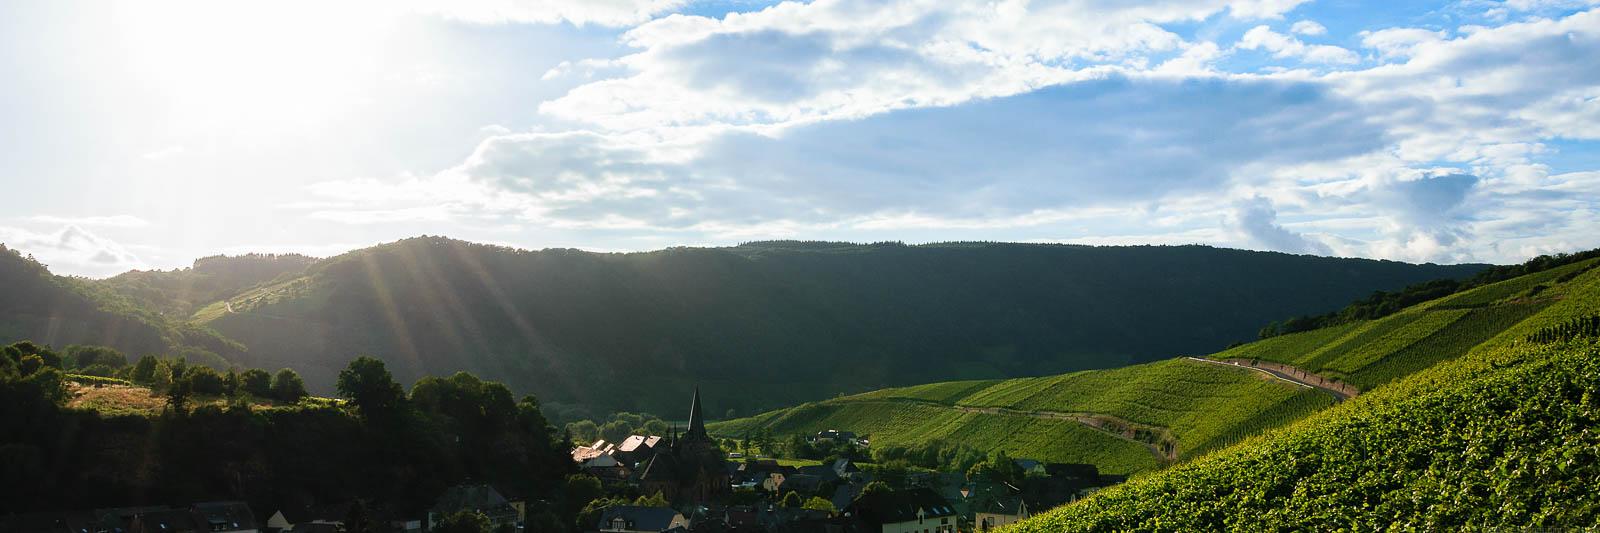 Ringsum bergig, wolkig umhegt, erwärmt sich die Brauneberger Juffer Vorschau 3 zu 1